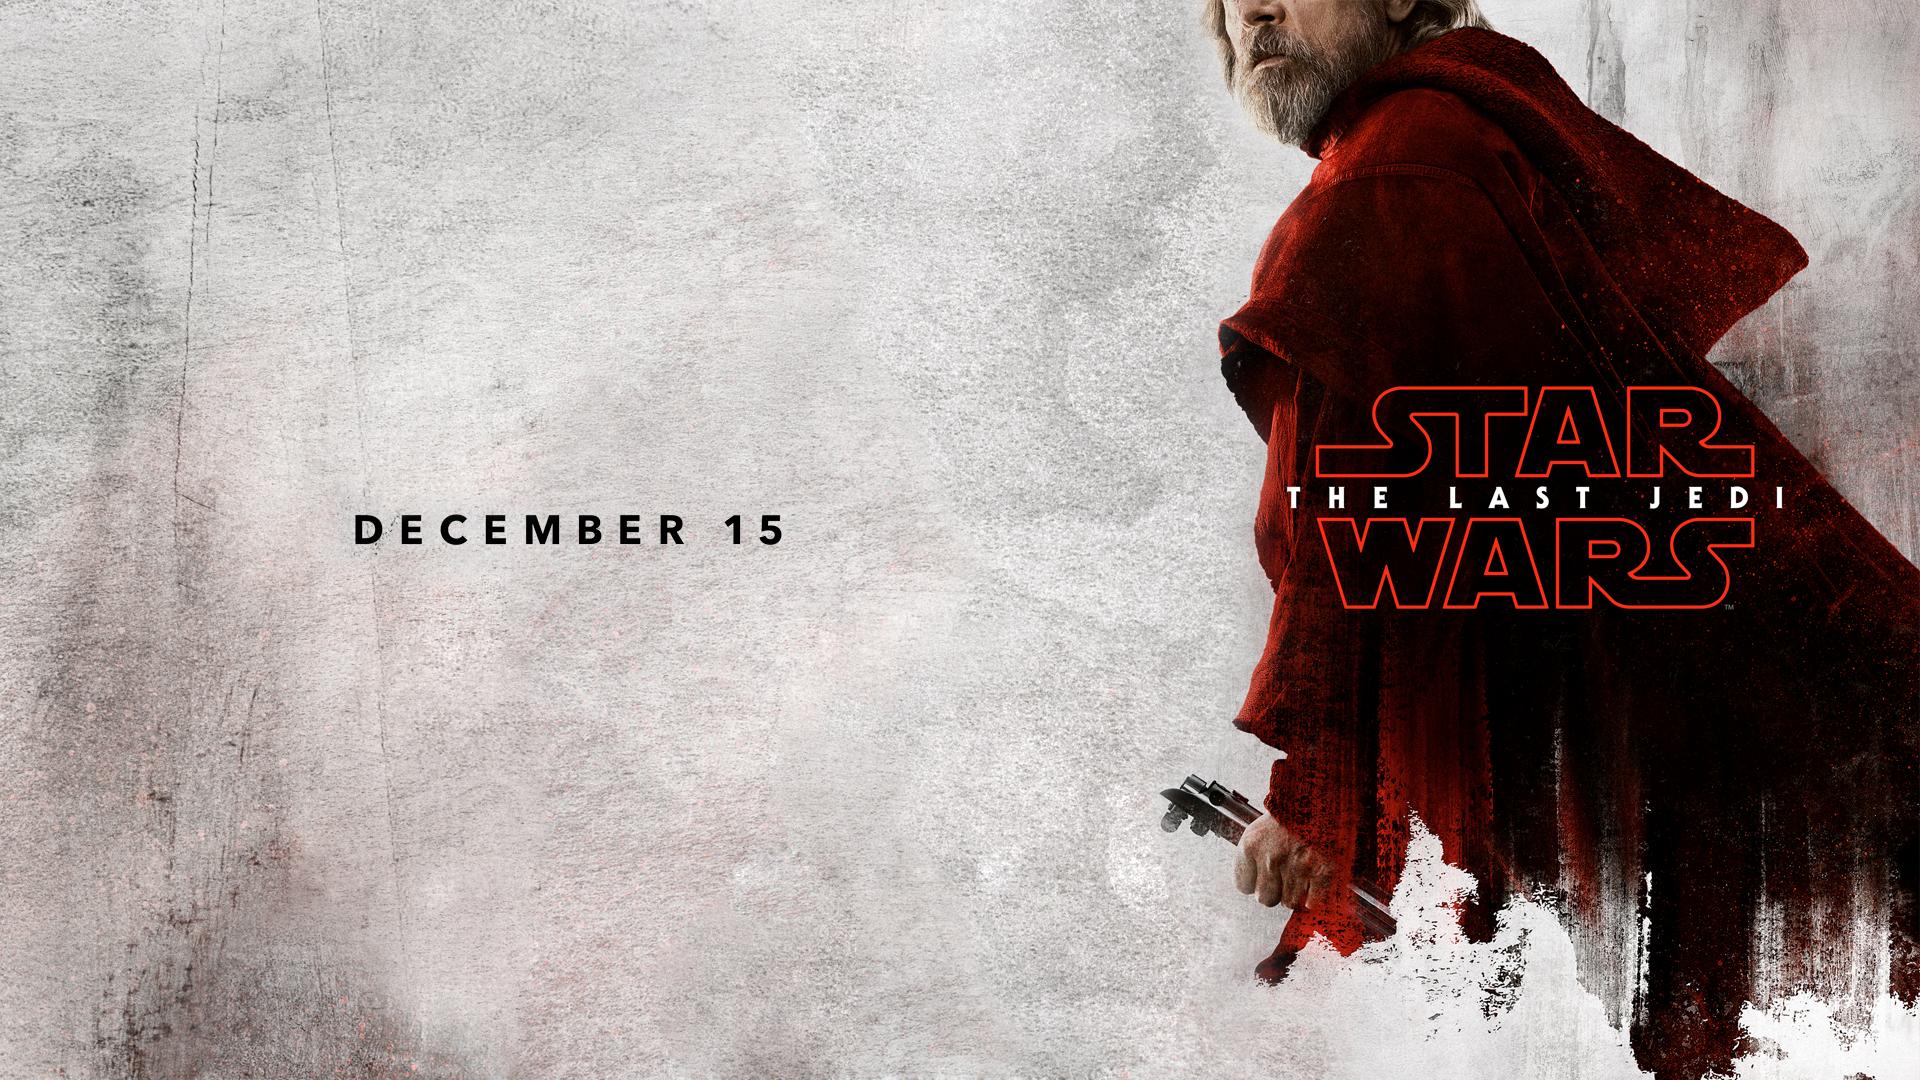 Wallpaper Star Wars The Last Jedi Movies Luke Skywalker